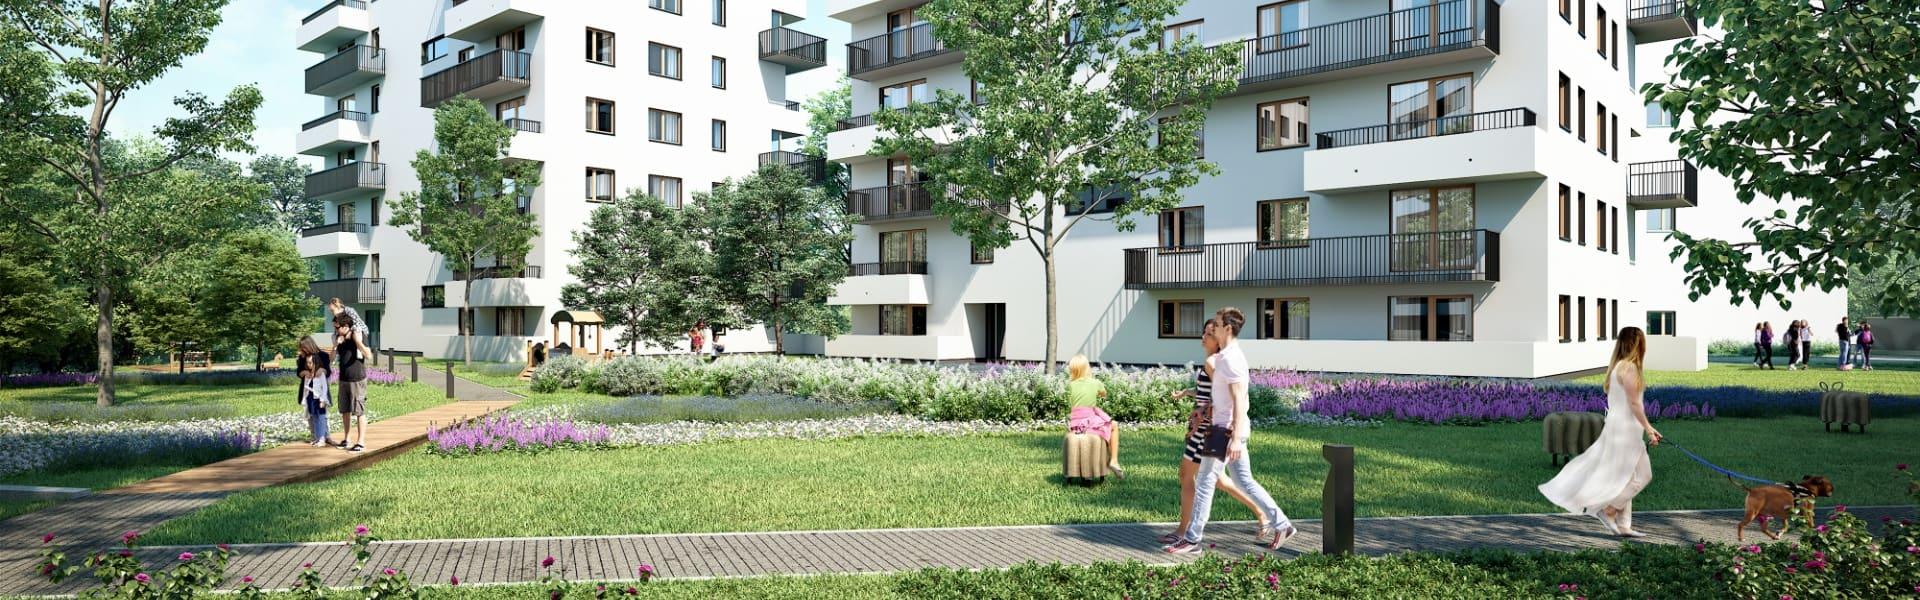 Osiedle Mickiewicza - aktywizujące osiedle w Warszawie